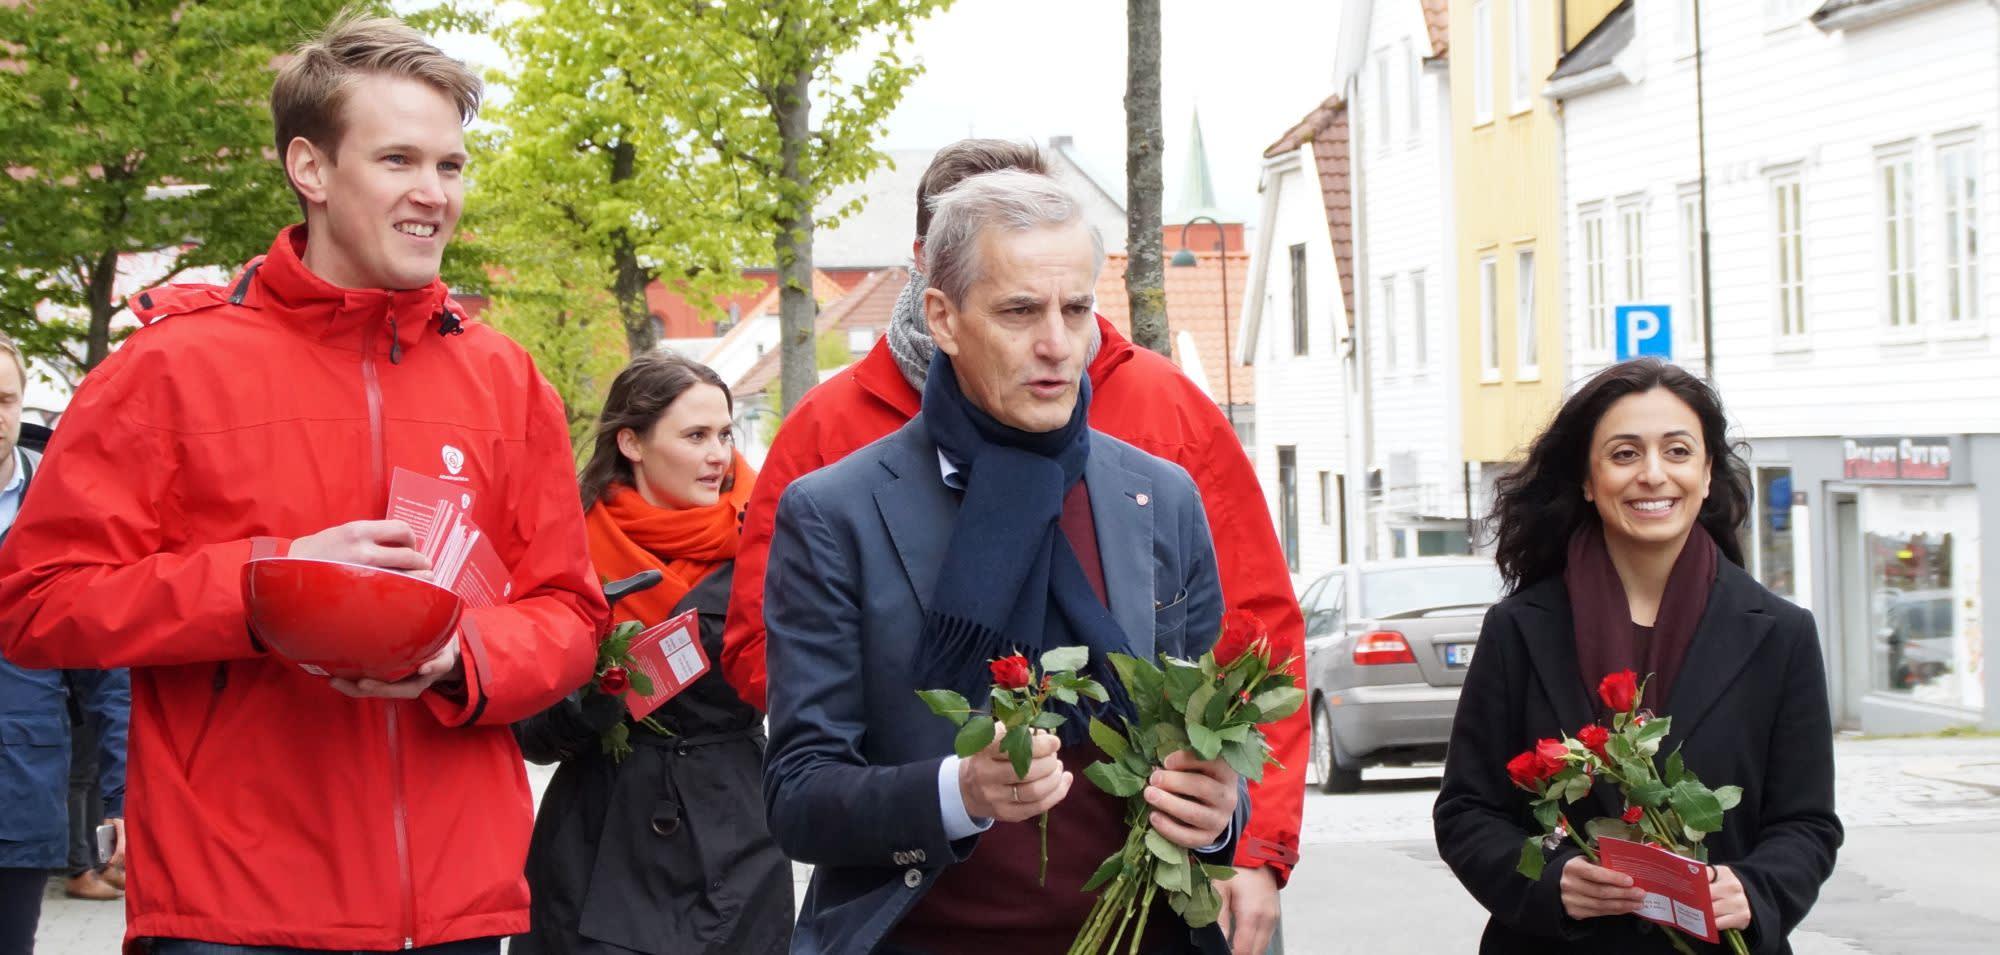 Torstein Tvedt Solberg, Jonas Gahr Støre og Hadia Tajik deler ut roser i Stavanger.